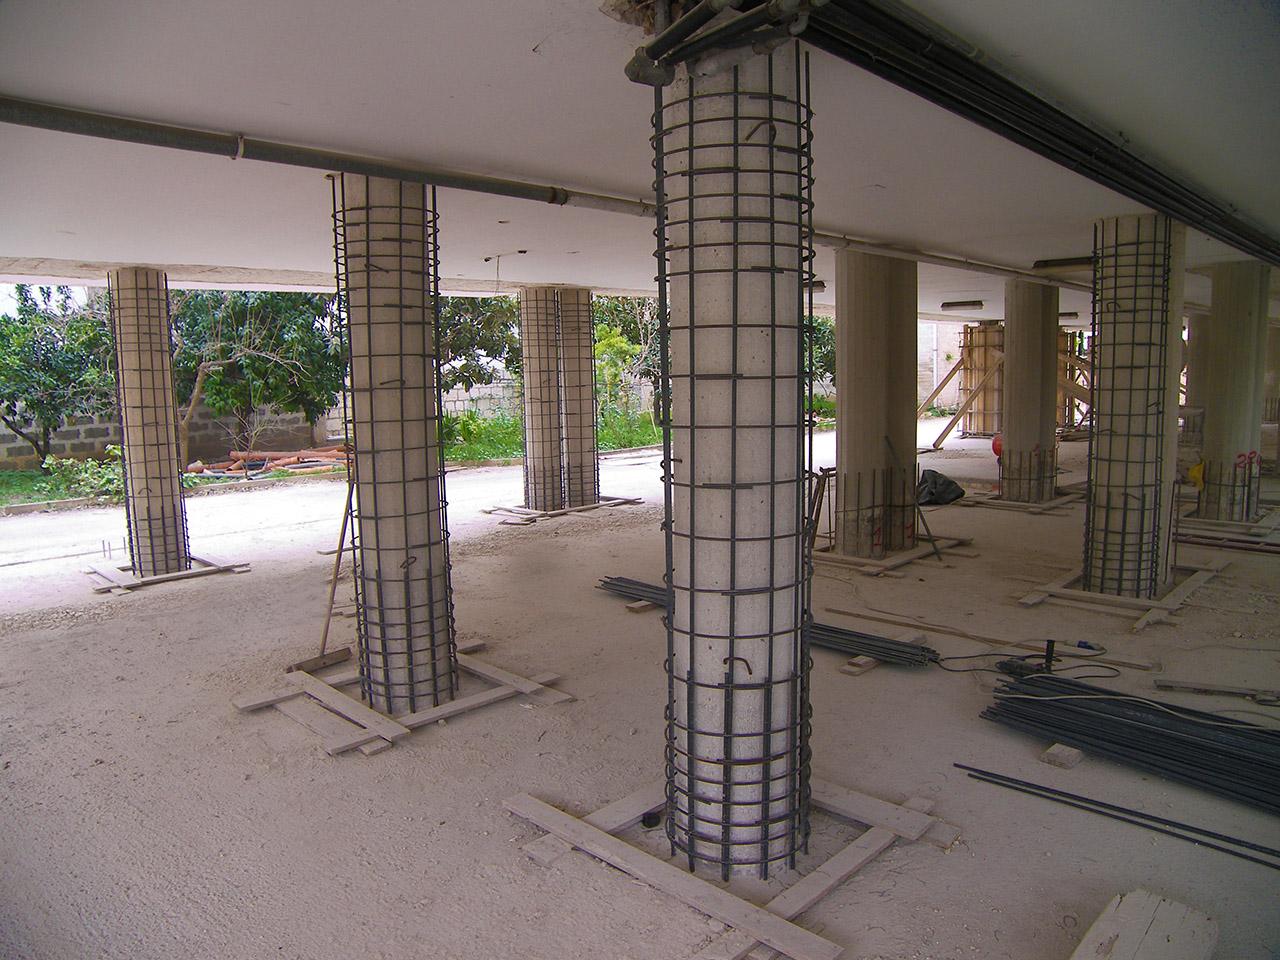 costruzioni restauri sirio ostuni consolidamento strutturale fondazioni suglia passeri rutigliano 100 3887 1